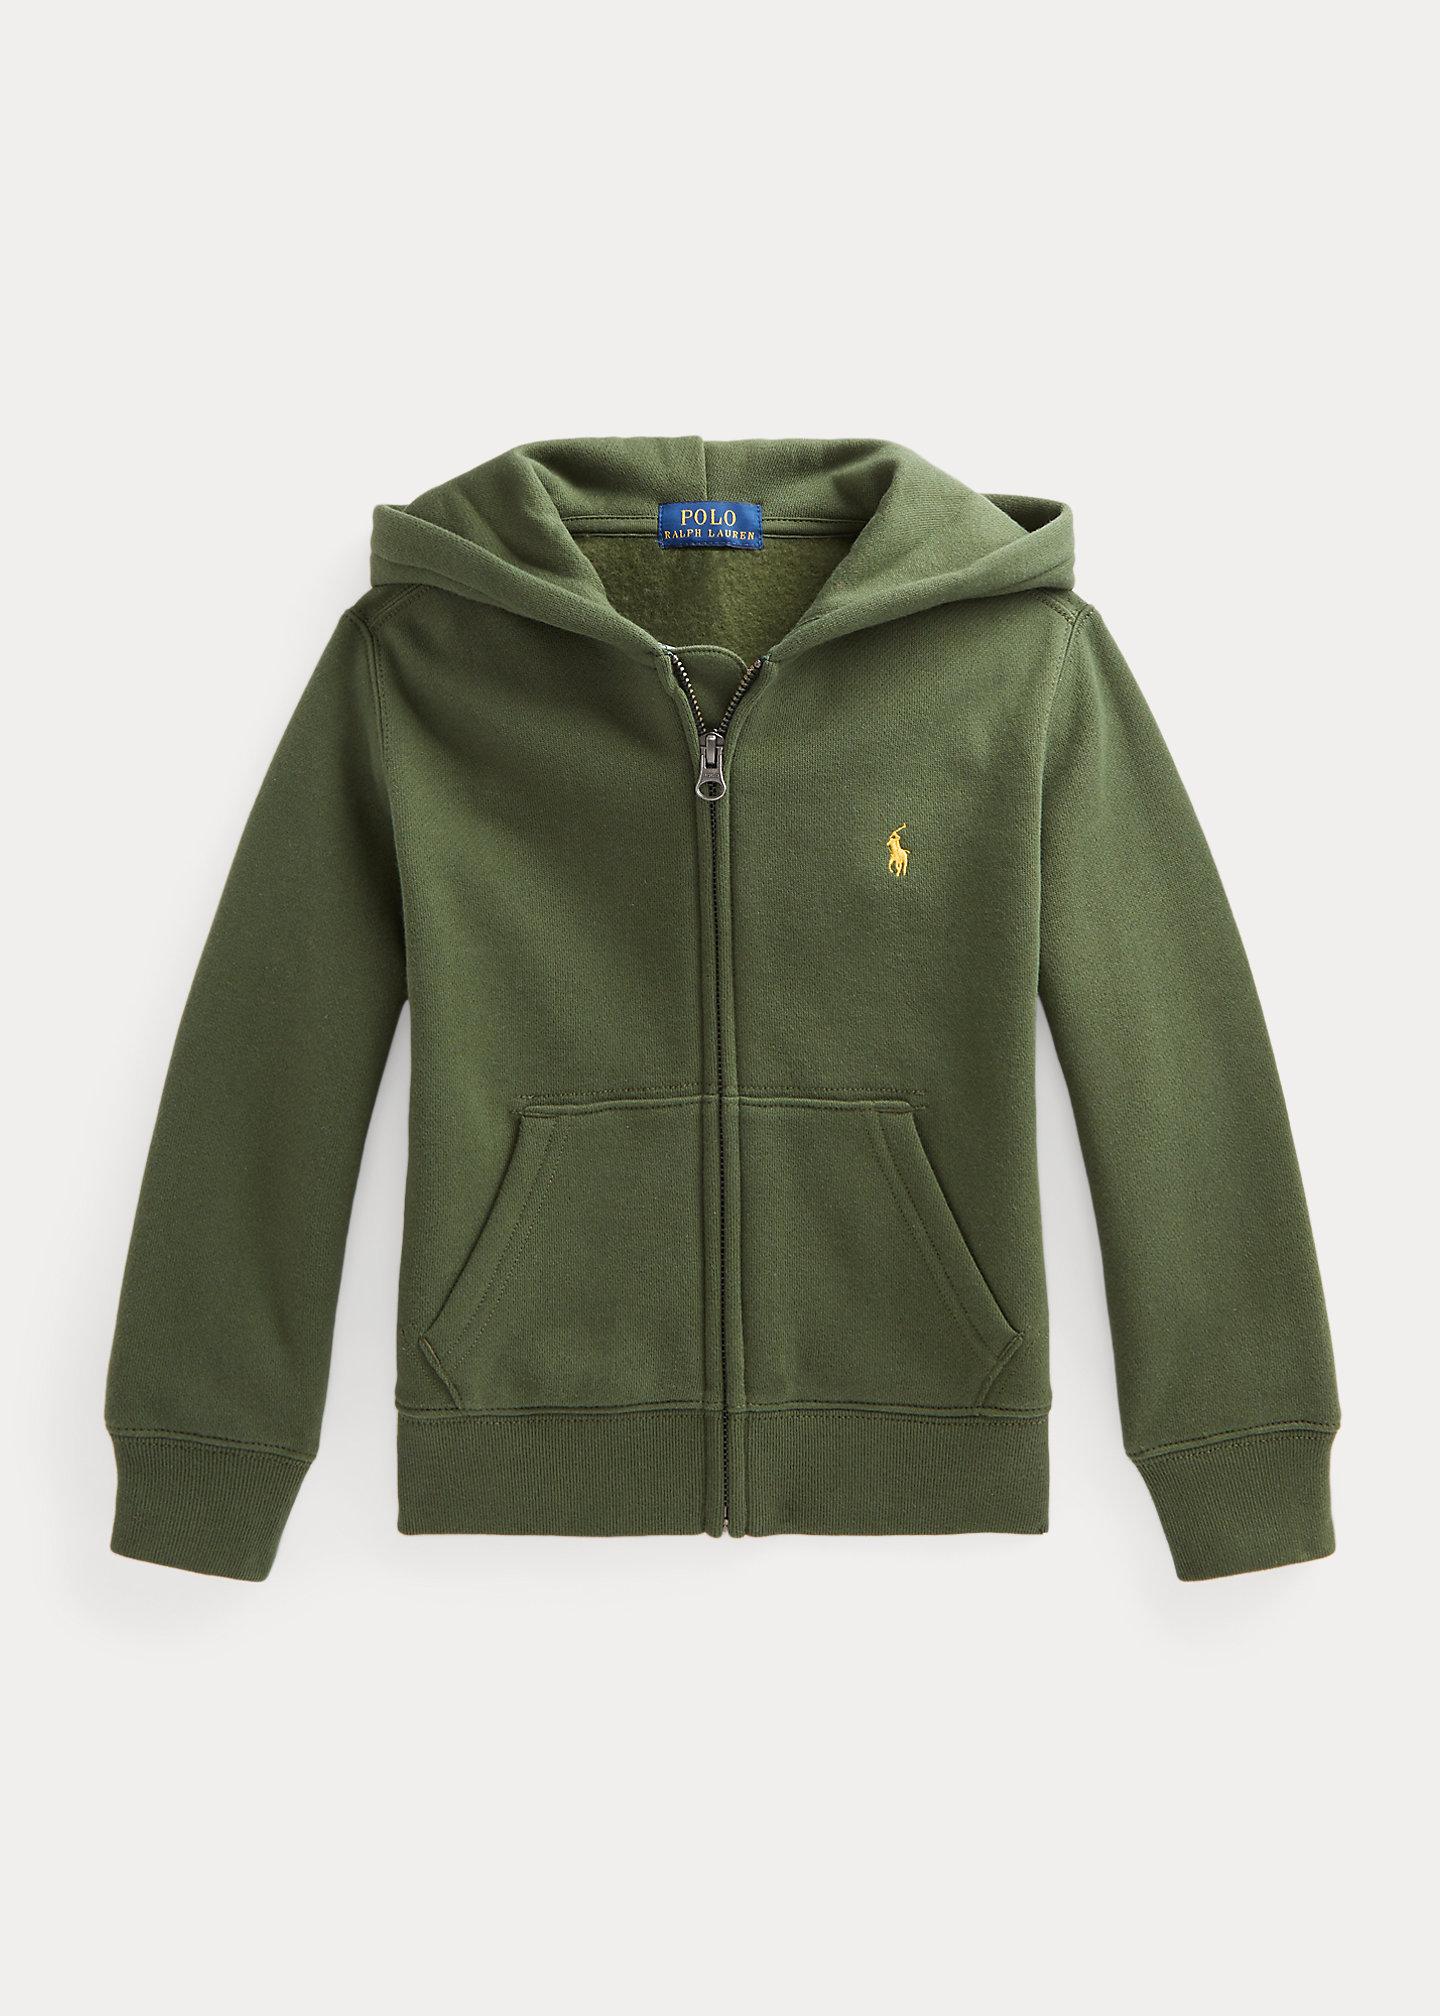 Polo Ralph Lauren Fleece Full Zip Hoodie